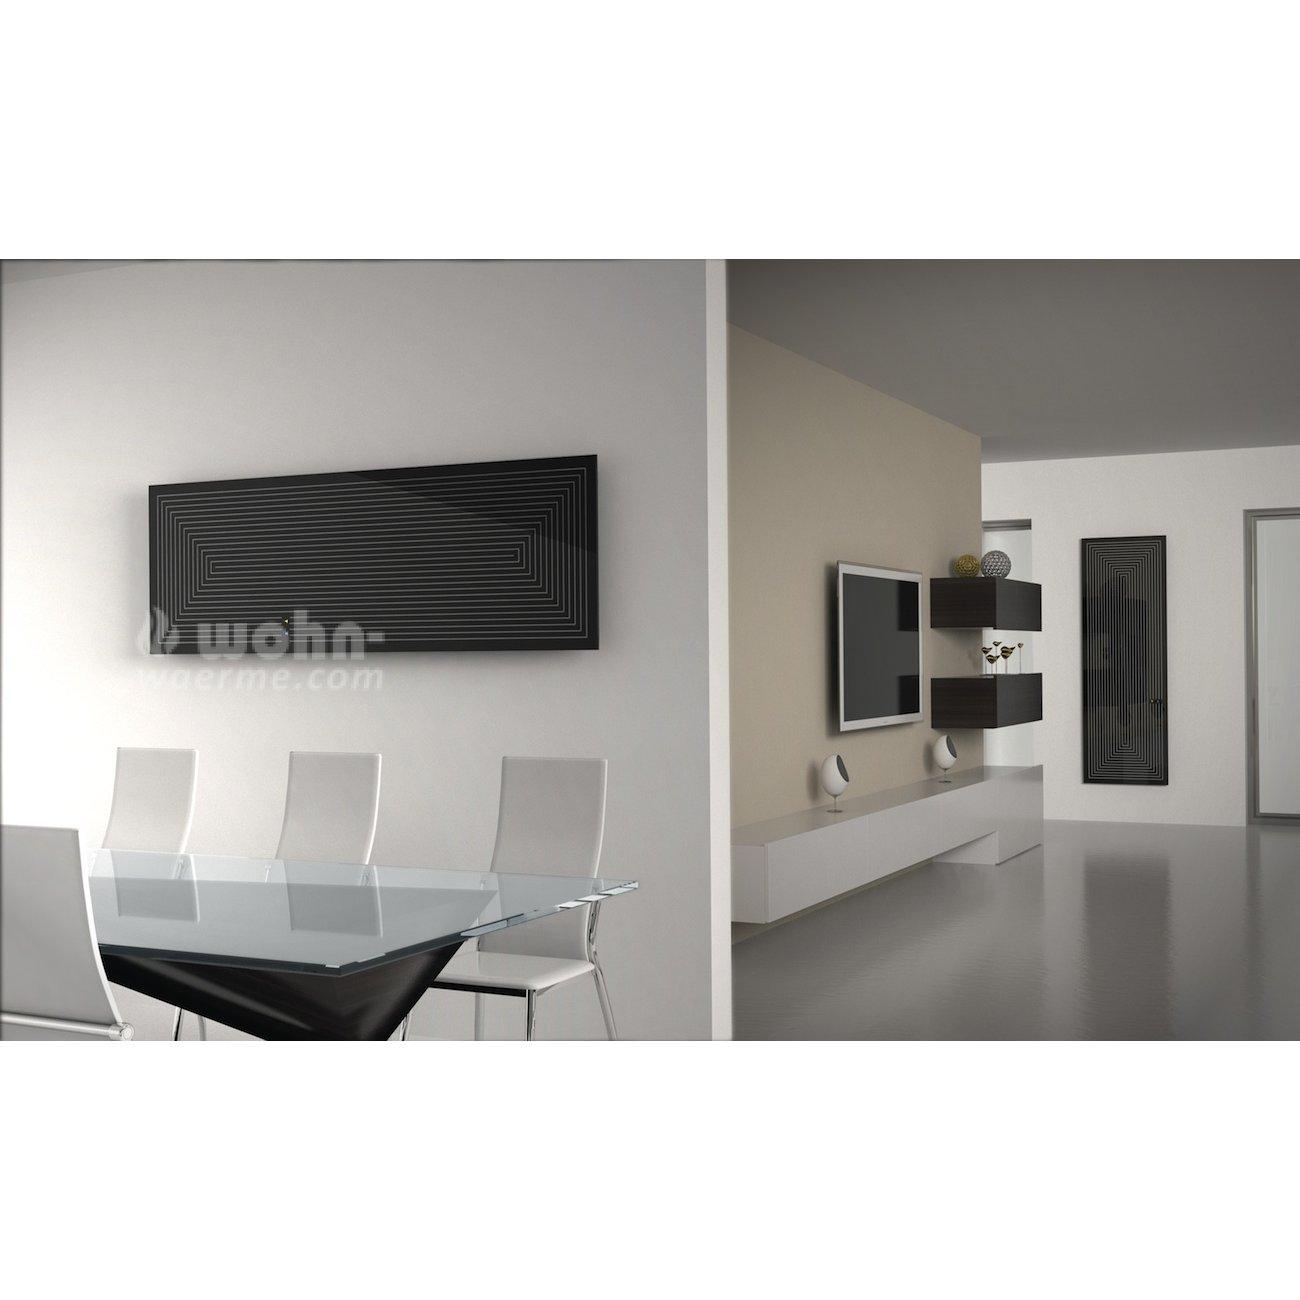 glasheizk rper von d a s als infrarotheizung mit muster. Black Bedroom Furniture Sets. Home Design Ideas